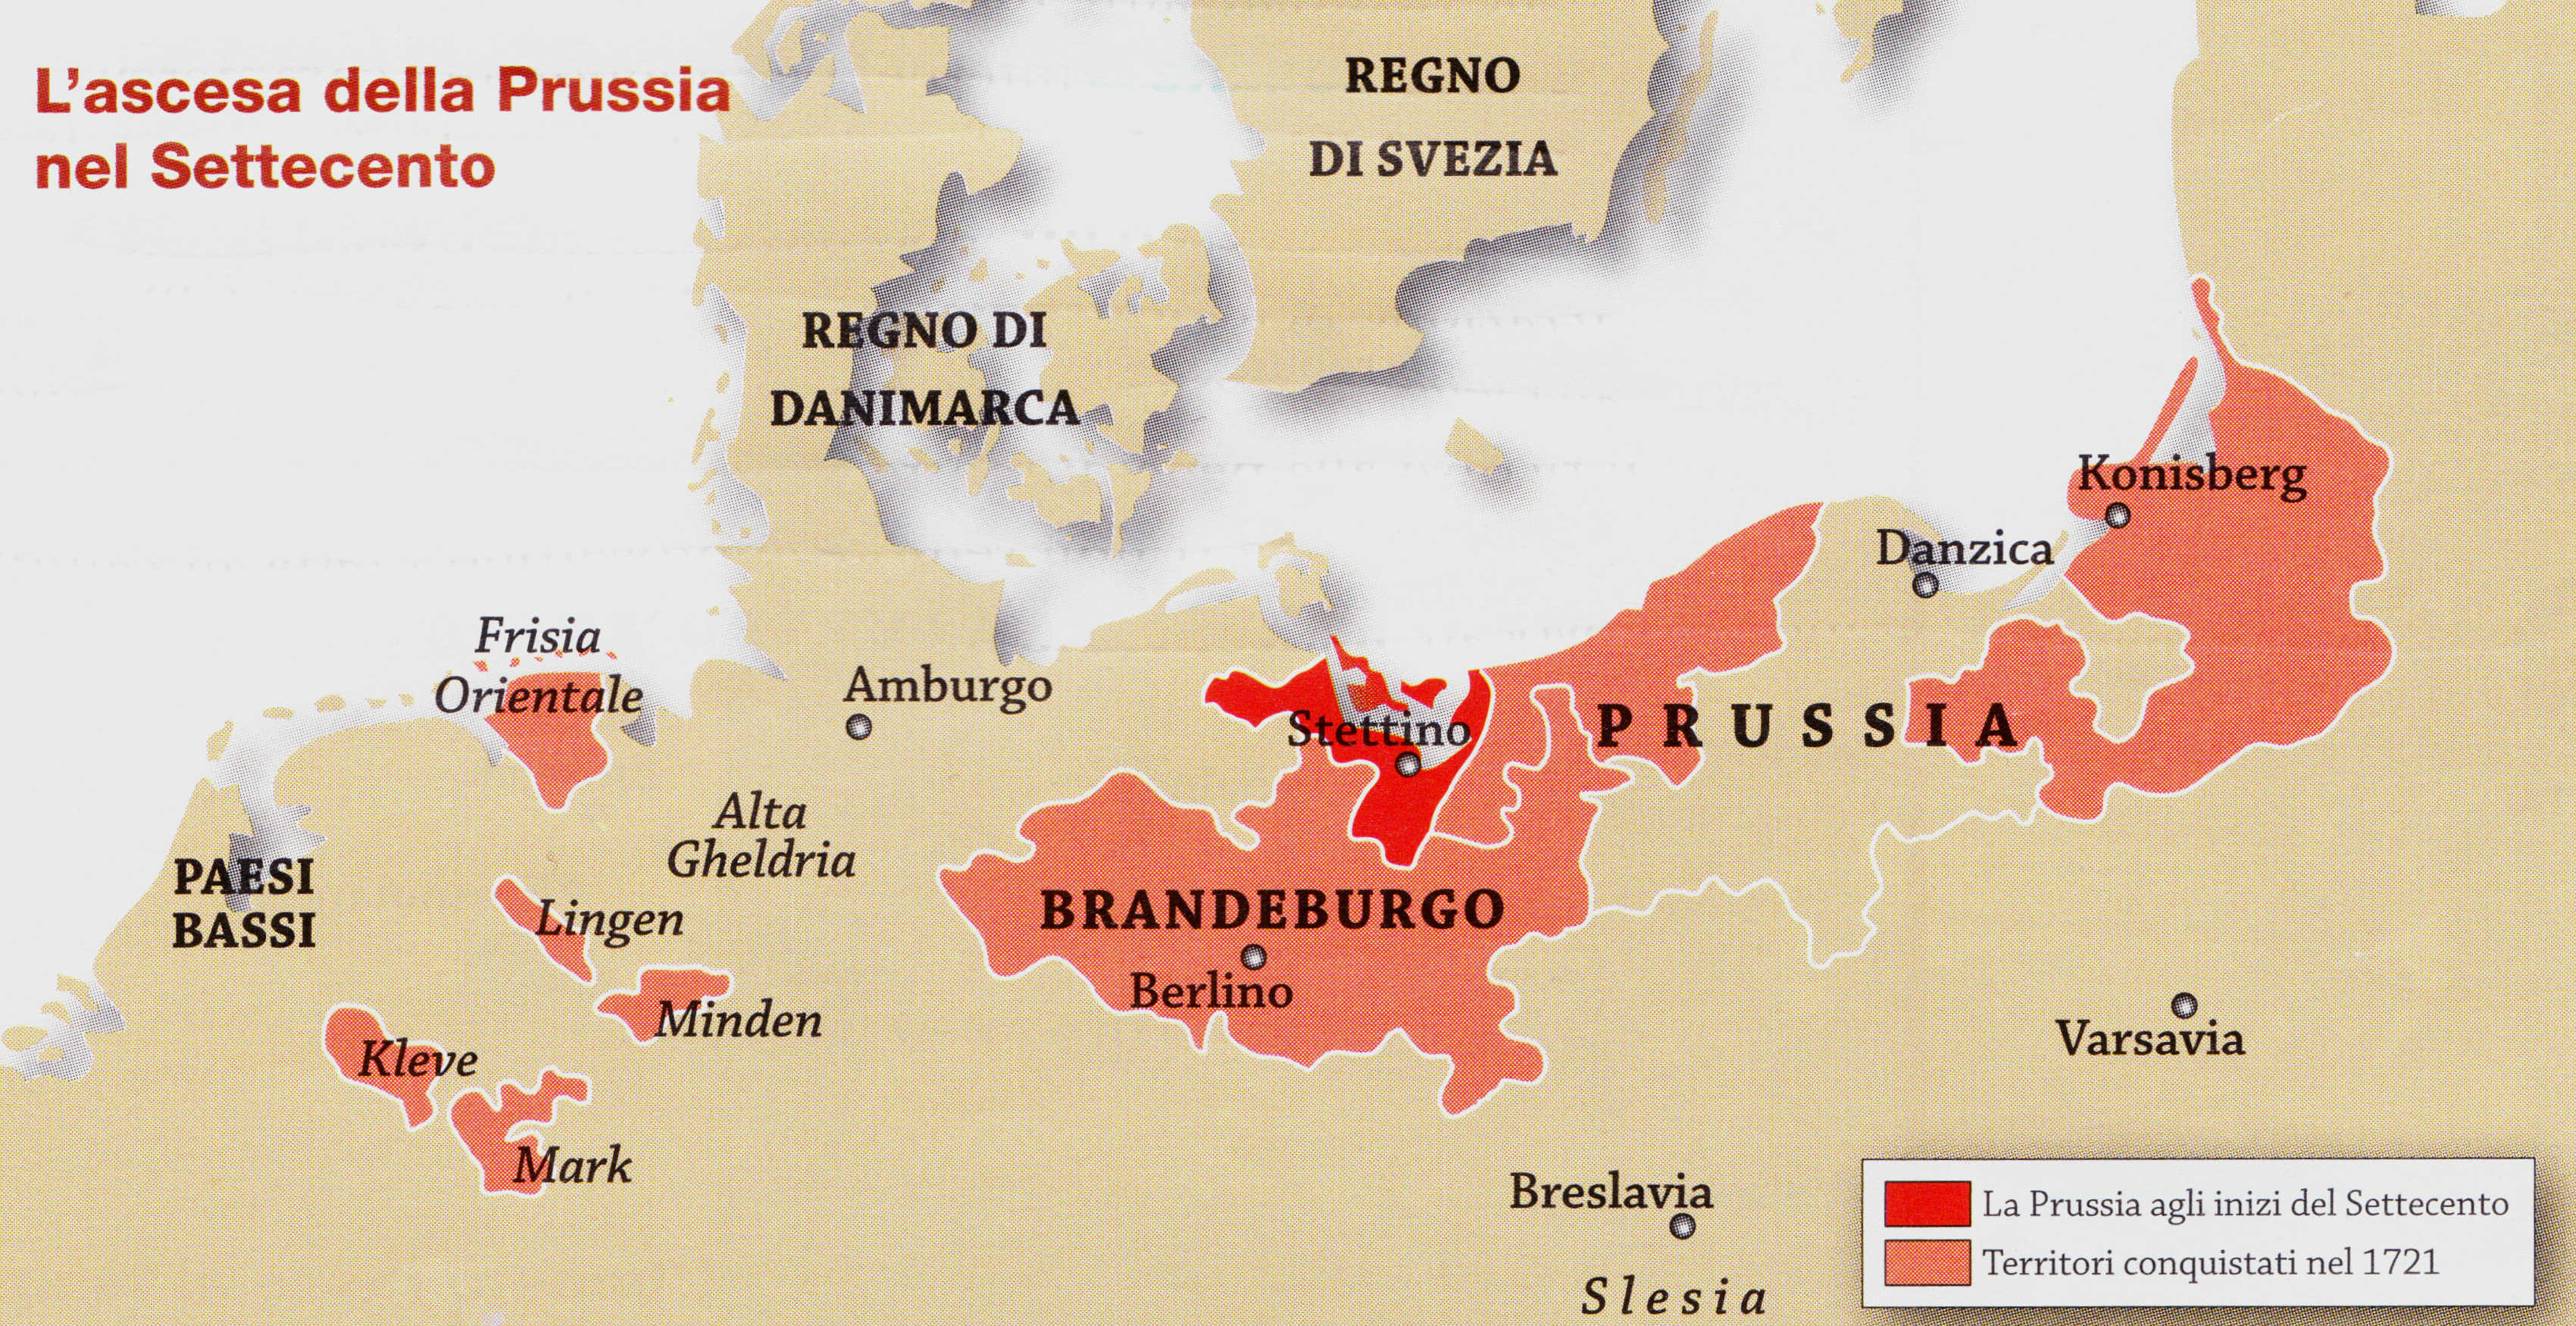 L'ascesa della Prussia nel Settecento